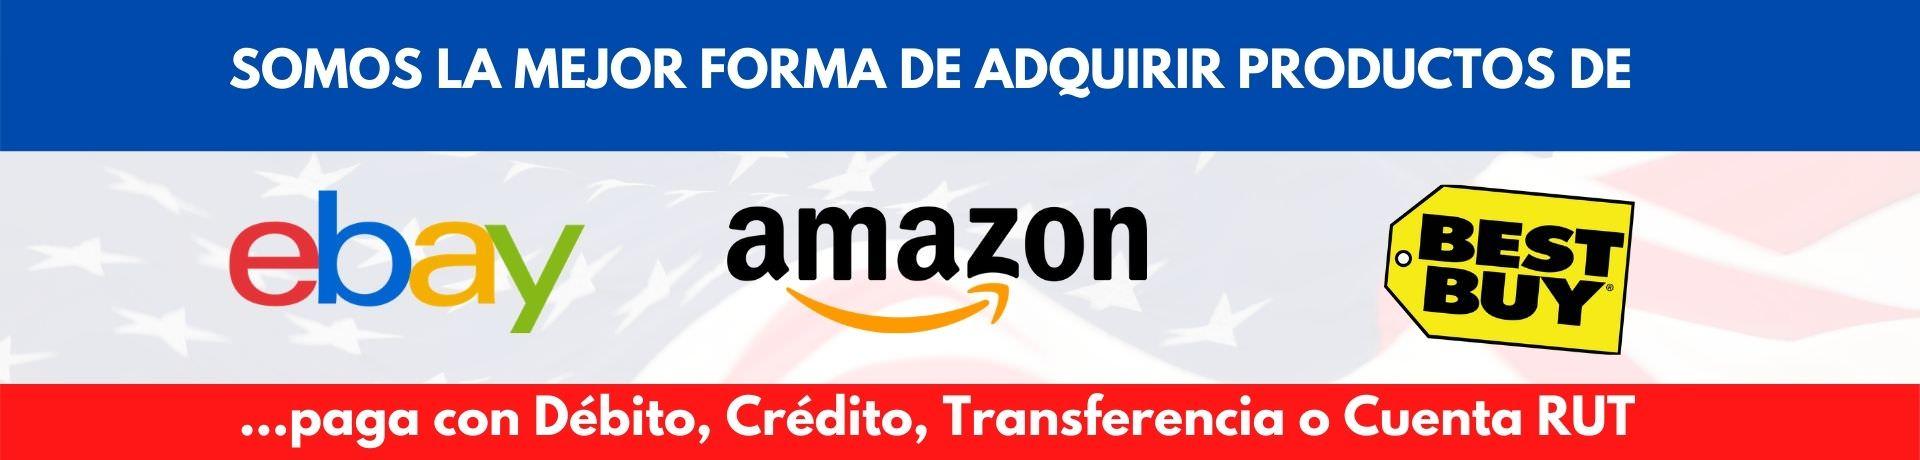 catalog/banner/banner-home-fullcompras-imagen-1-amazon-ebay-bestbuy.jpg